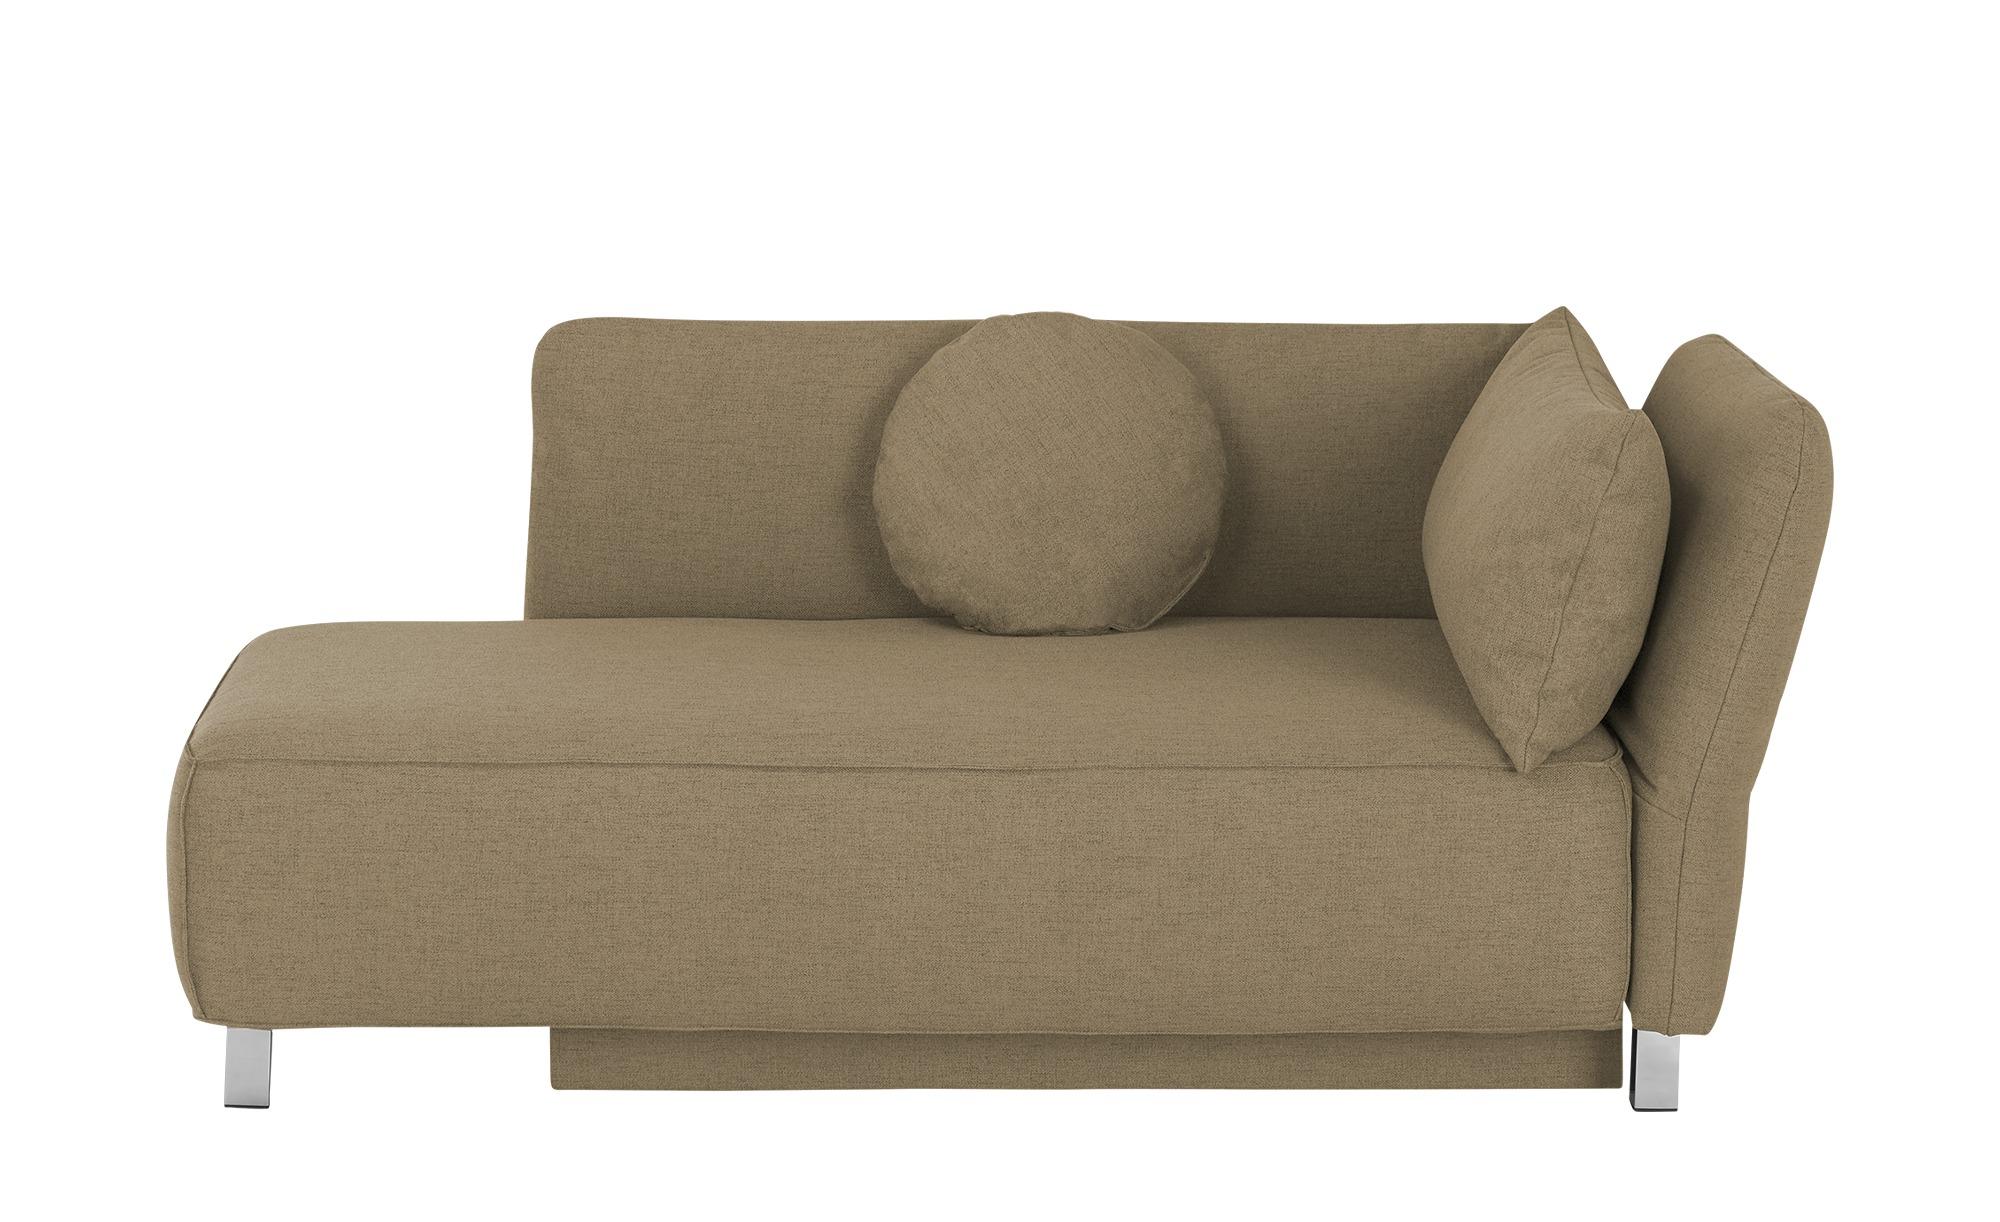 Schlafsofa  Peppa ¦ beige ¦ Maße (cm): B: 170 H: 83 T: 90 Polstermöbel > Sofas > Einzelsofas - Höffner